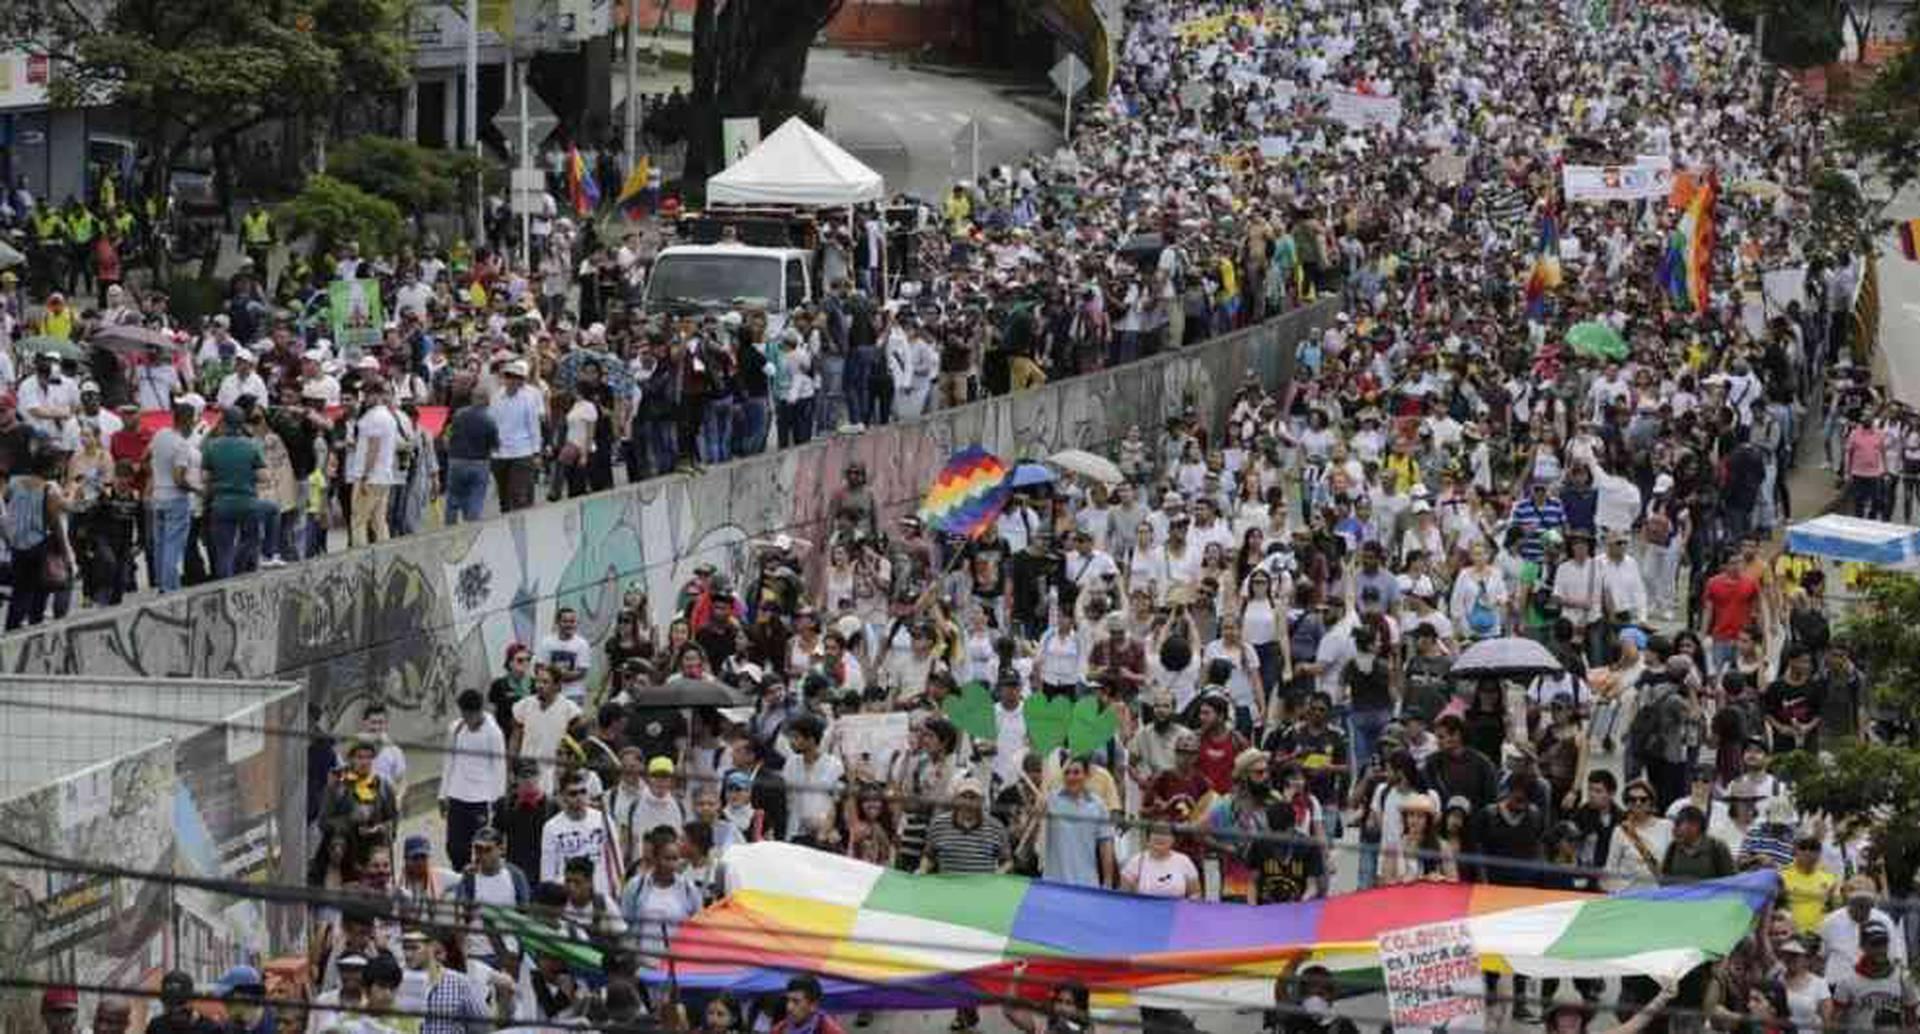 Una marcha sin antecedentes se vive este jueves en la capital paisa. La Alcaldía reporta más de 20 mil manifestantes, aunque los organizadores calculan 50 mil. Foto: Julián Roldán / Medellín.